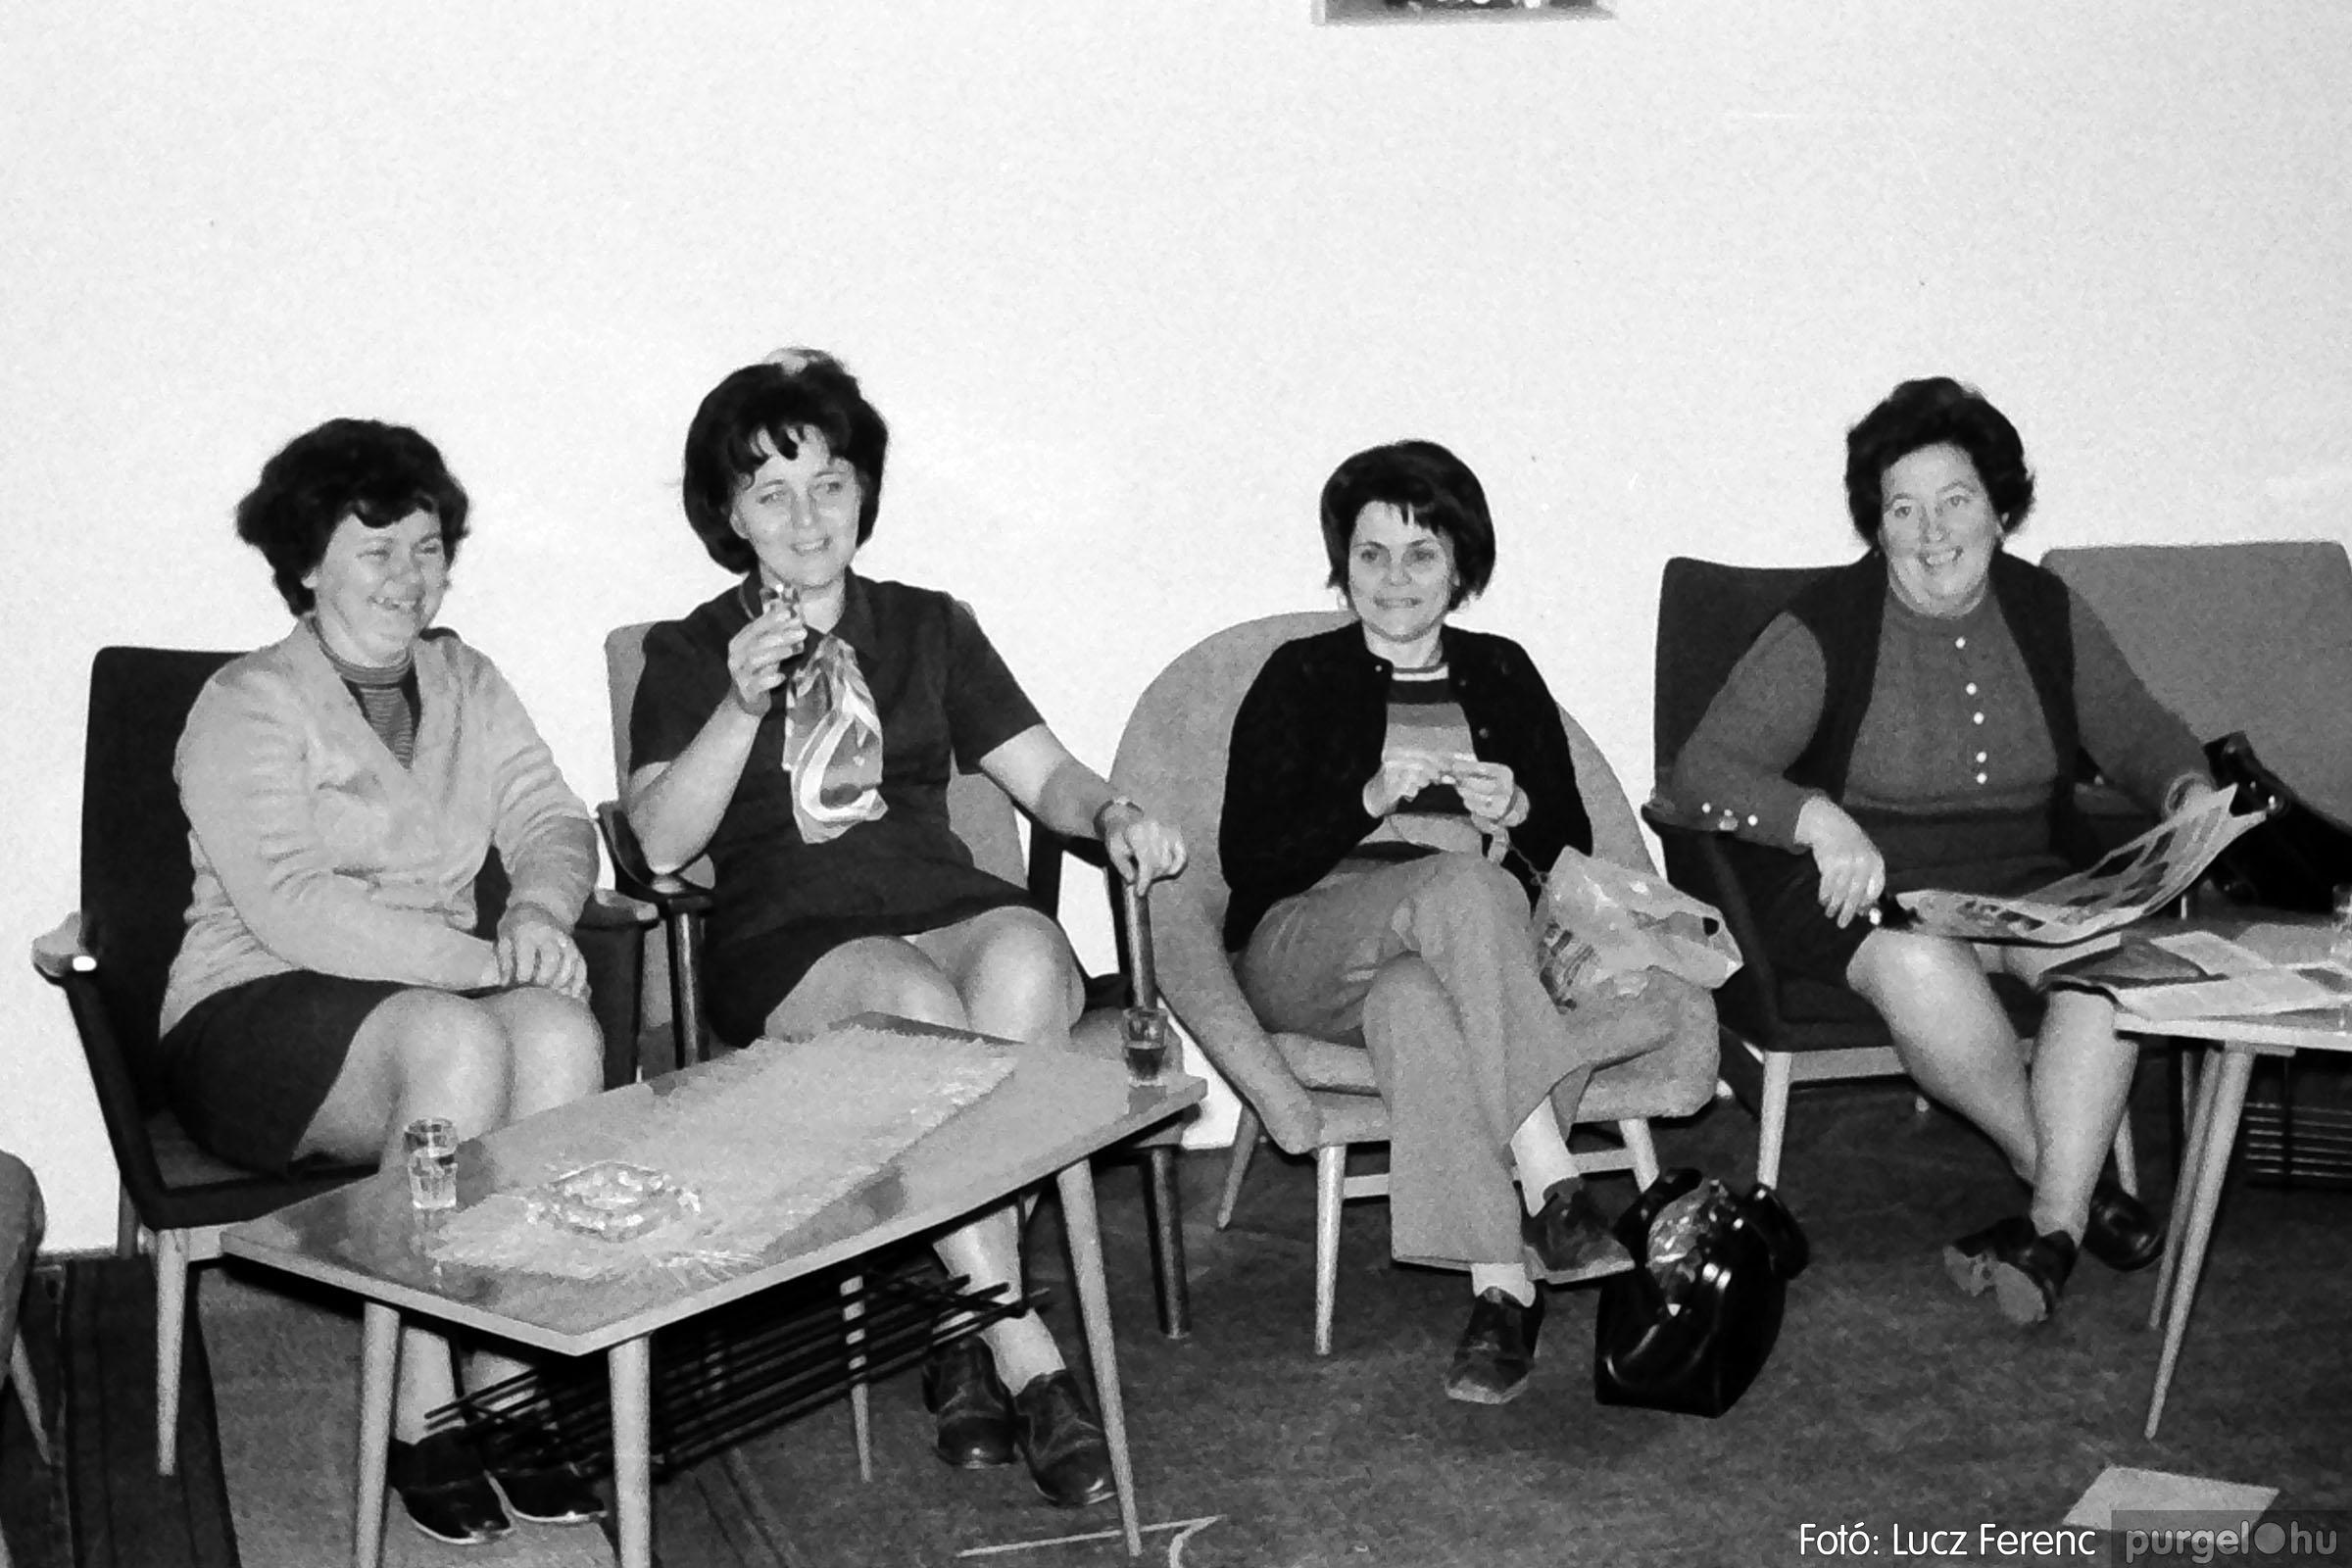 004B 1970-es évek - Bábelőadás 003 - Fotó: Lucz Ferenc IMG00041q.jpg